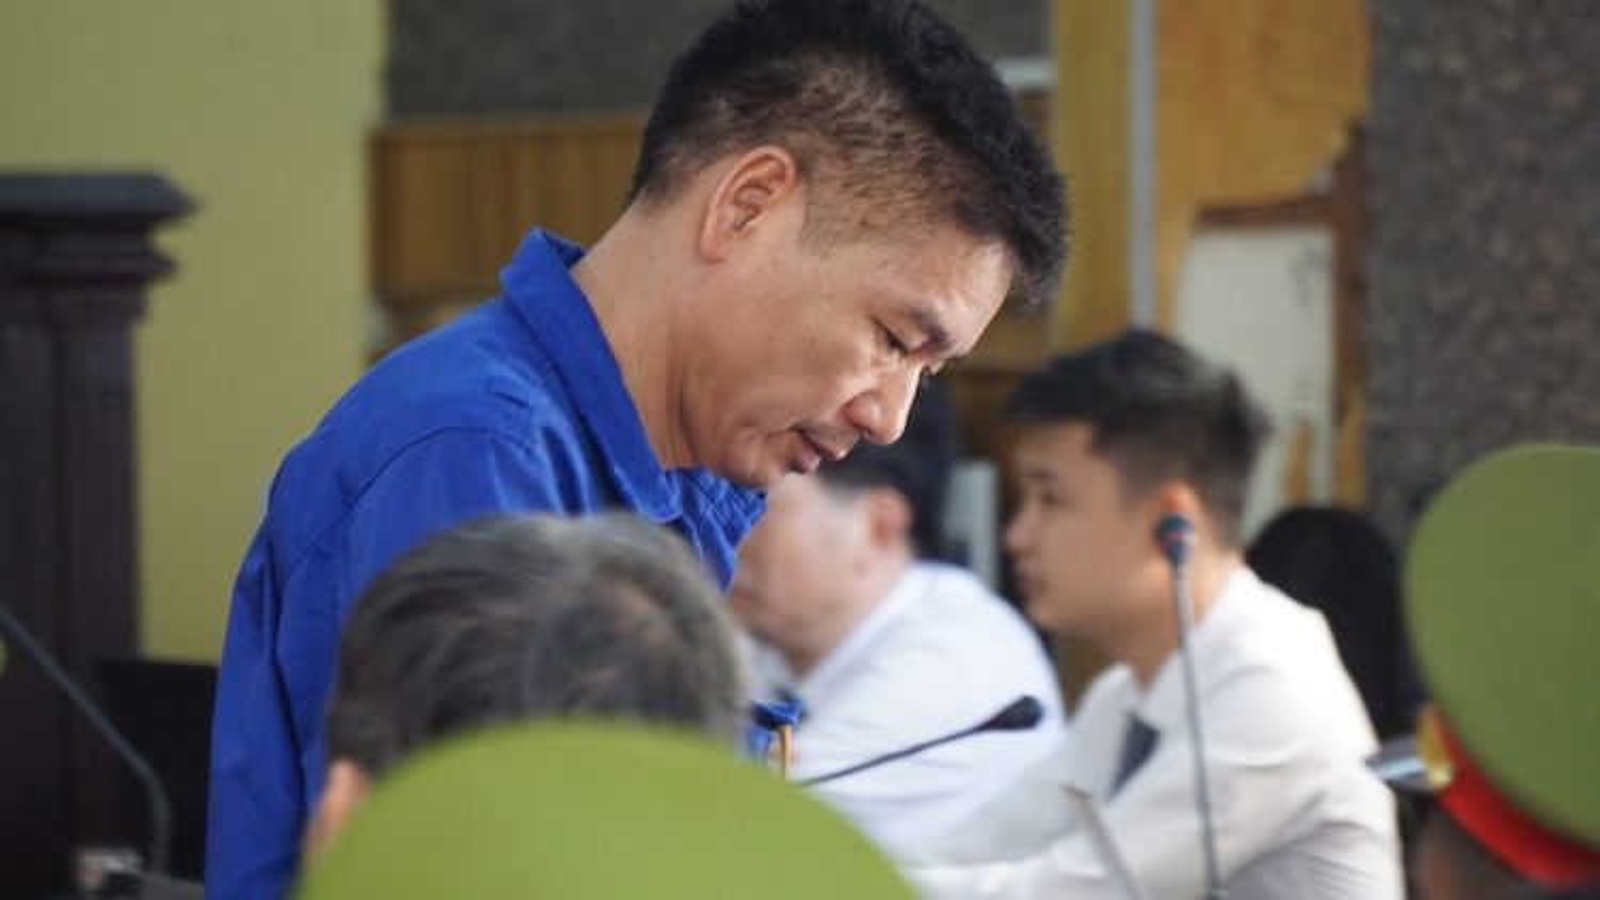 Cựu Phó giám đốc Sở Giáo dục và Đào tạo Sơn La tiếp tục kêu bị ép cung